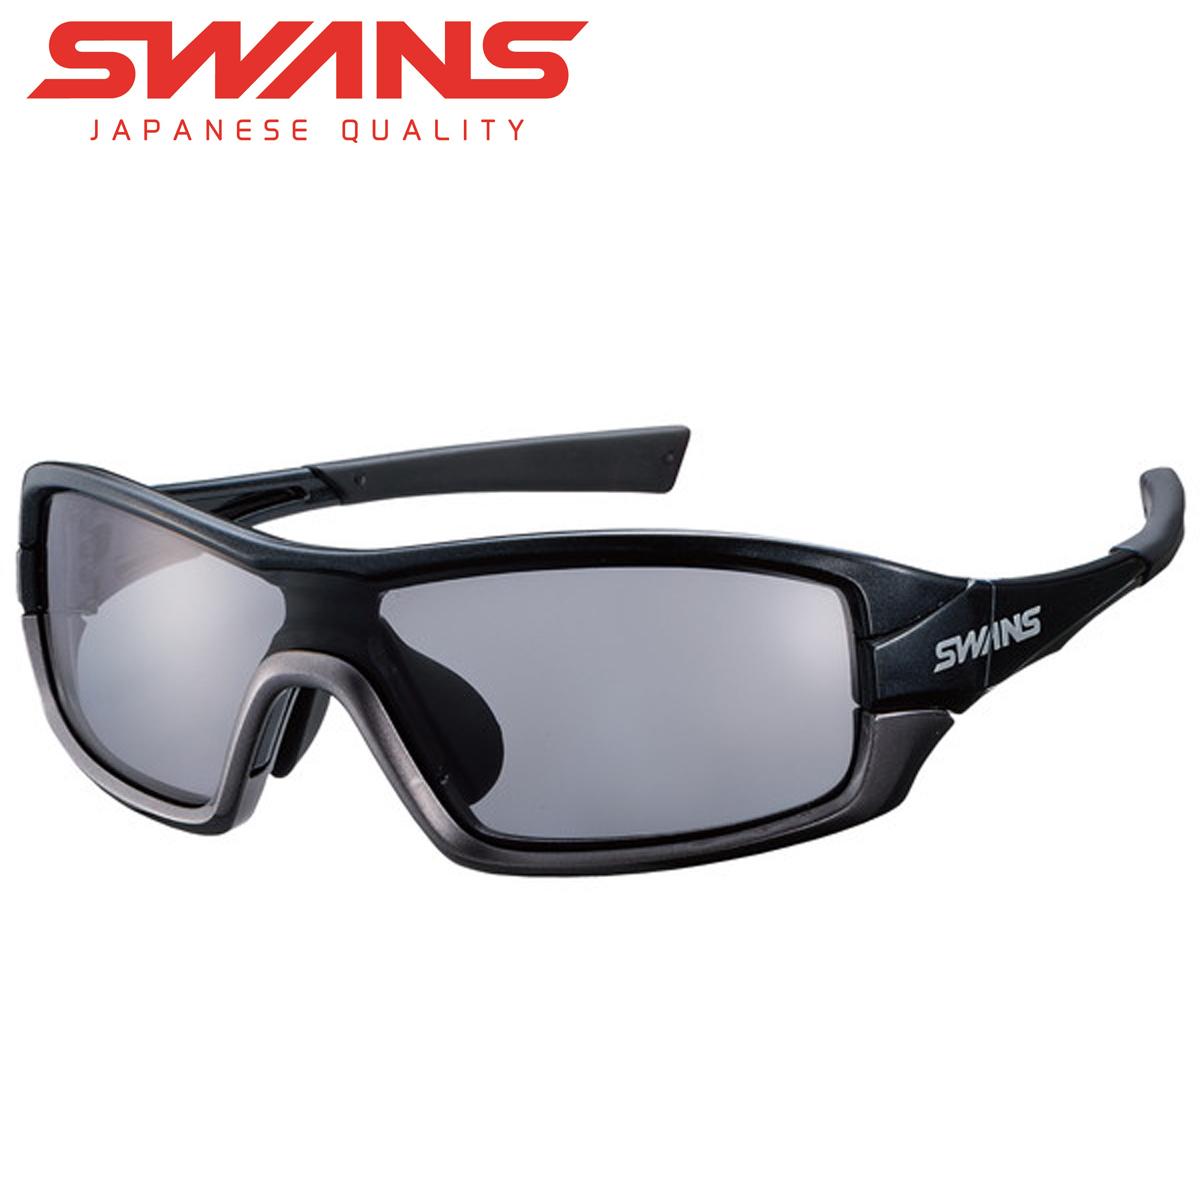 激安68%OFF即納 SWANS スワンズ 日本正規品 STRIX I 返品不可 ストリックスアイ GM あす楽対応 サングラス 偏光レンズモデル BK I-0151 在庫一掃売り切りセール